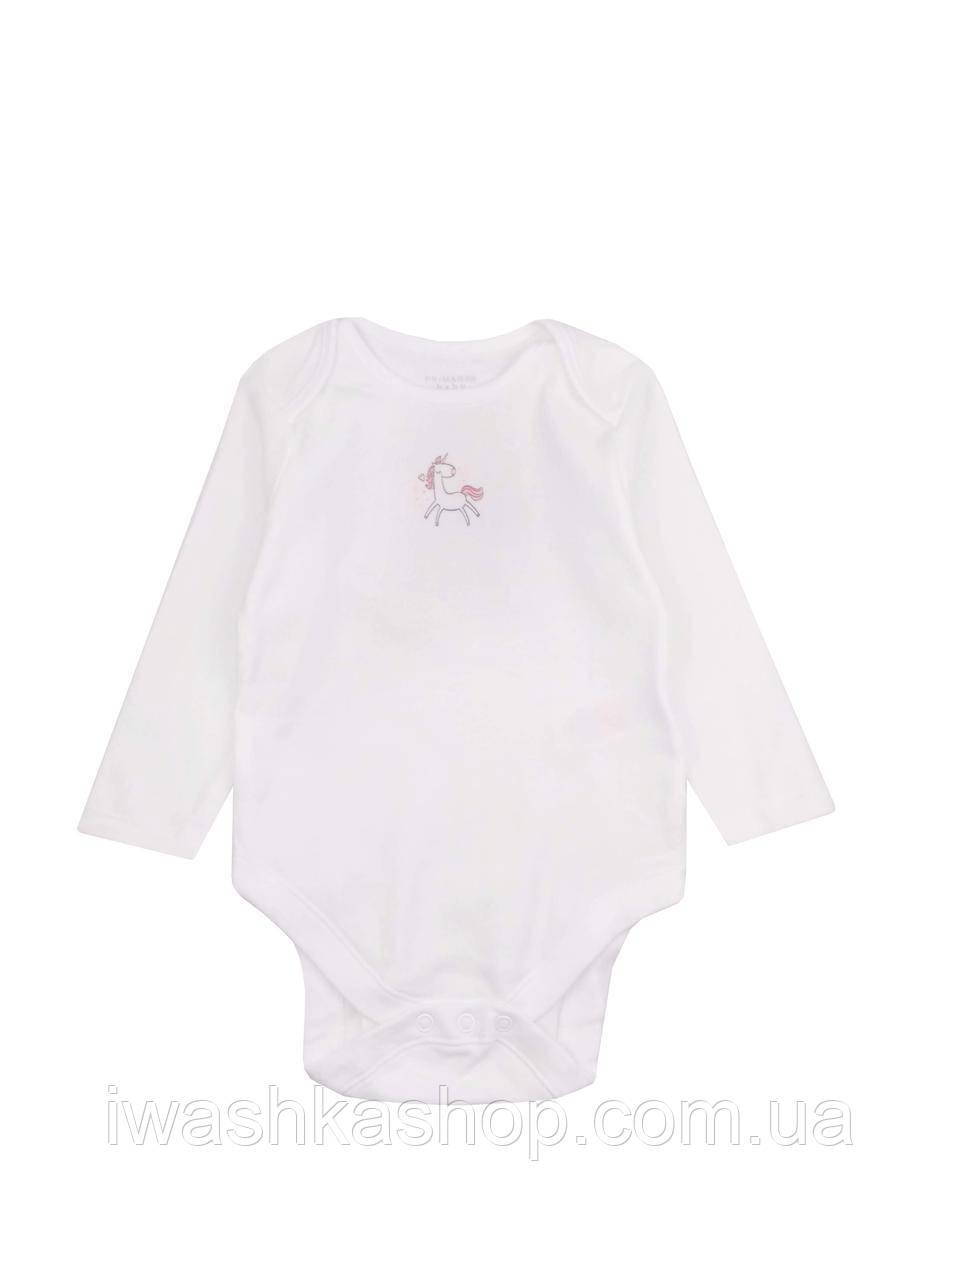 Белое боди с длинными рукавами для новорожденных девочек до 4,5 кг., Early days by Primark